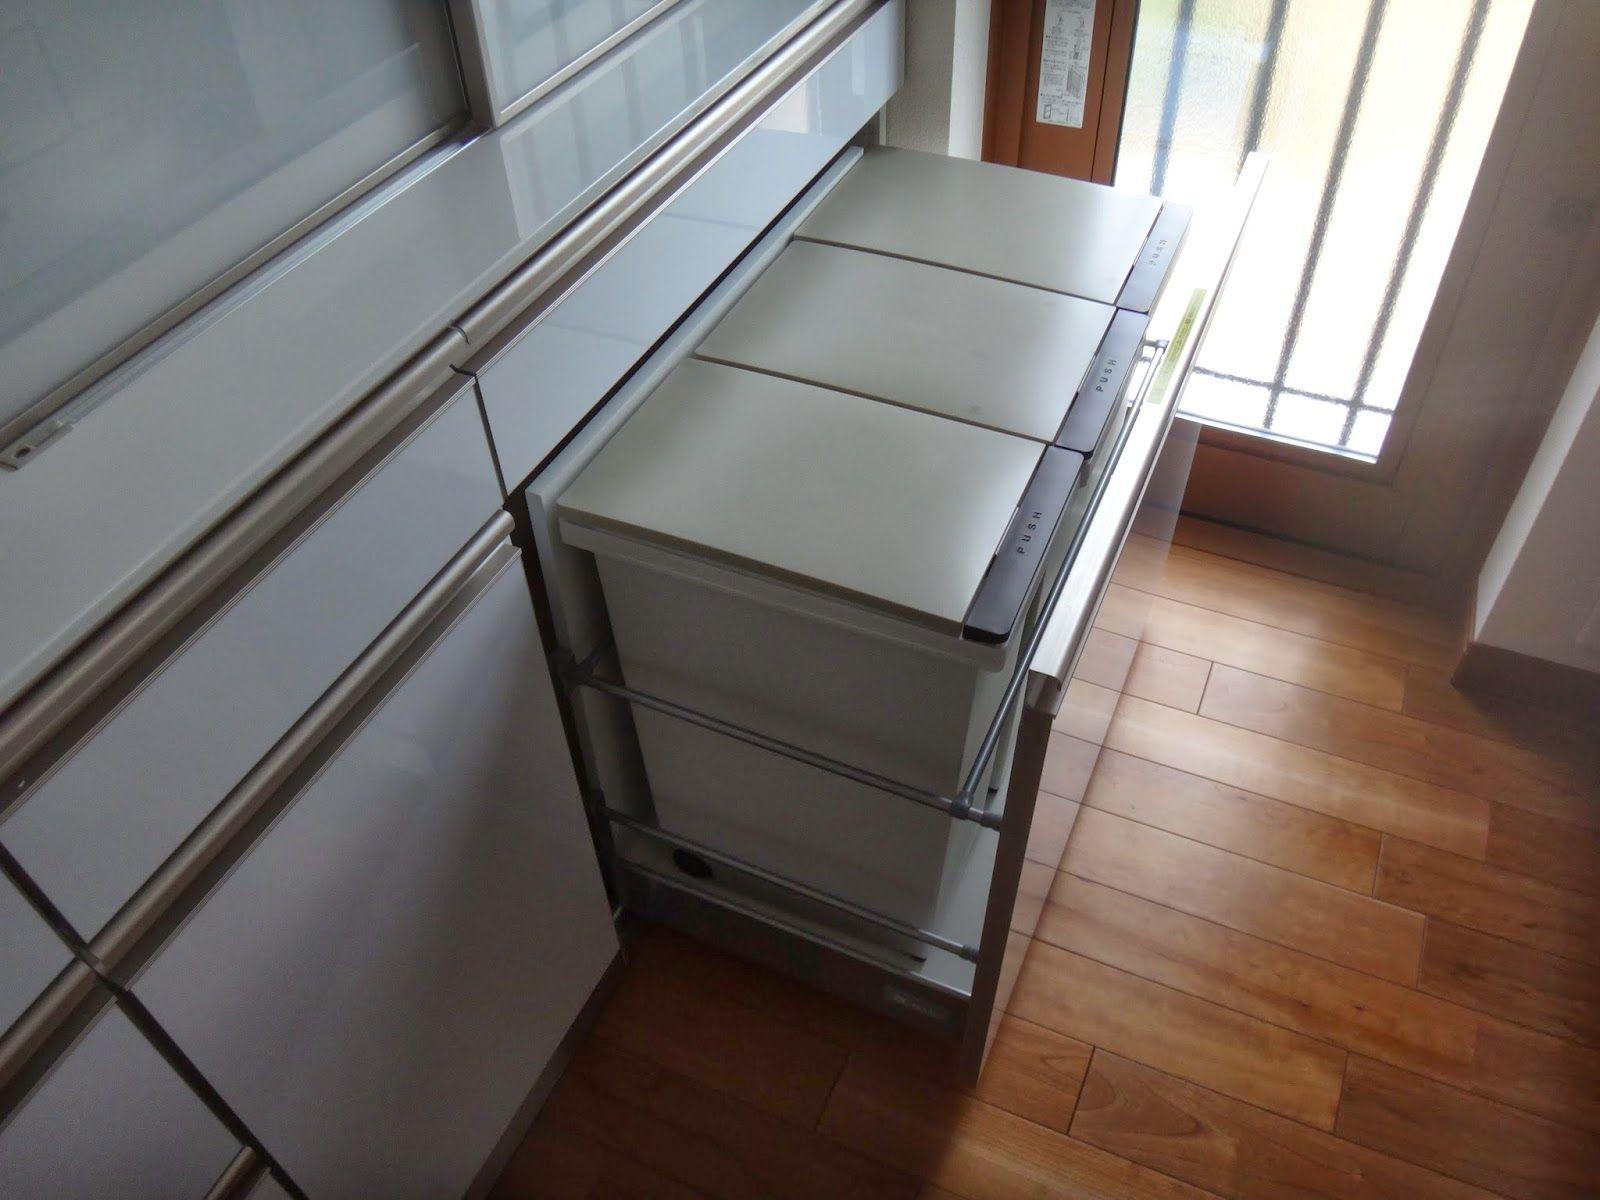 おぼえがきの日記帳 Memorandum Diary 食器棚 カップボード 綾野製作所 食器棚 カップボード 食器